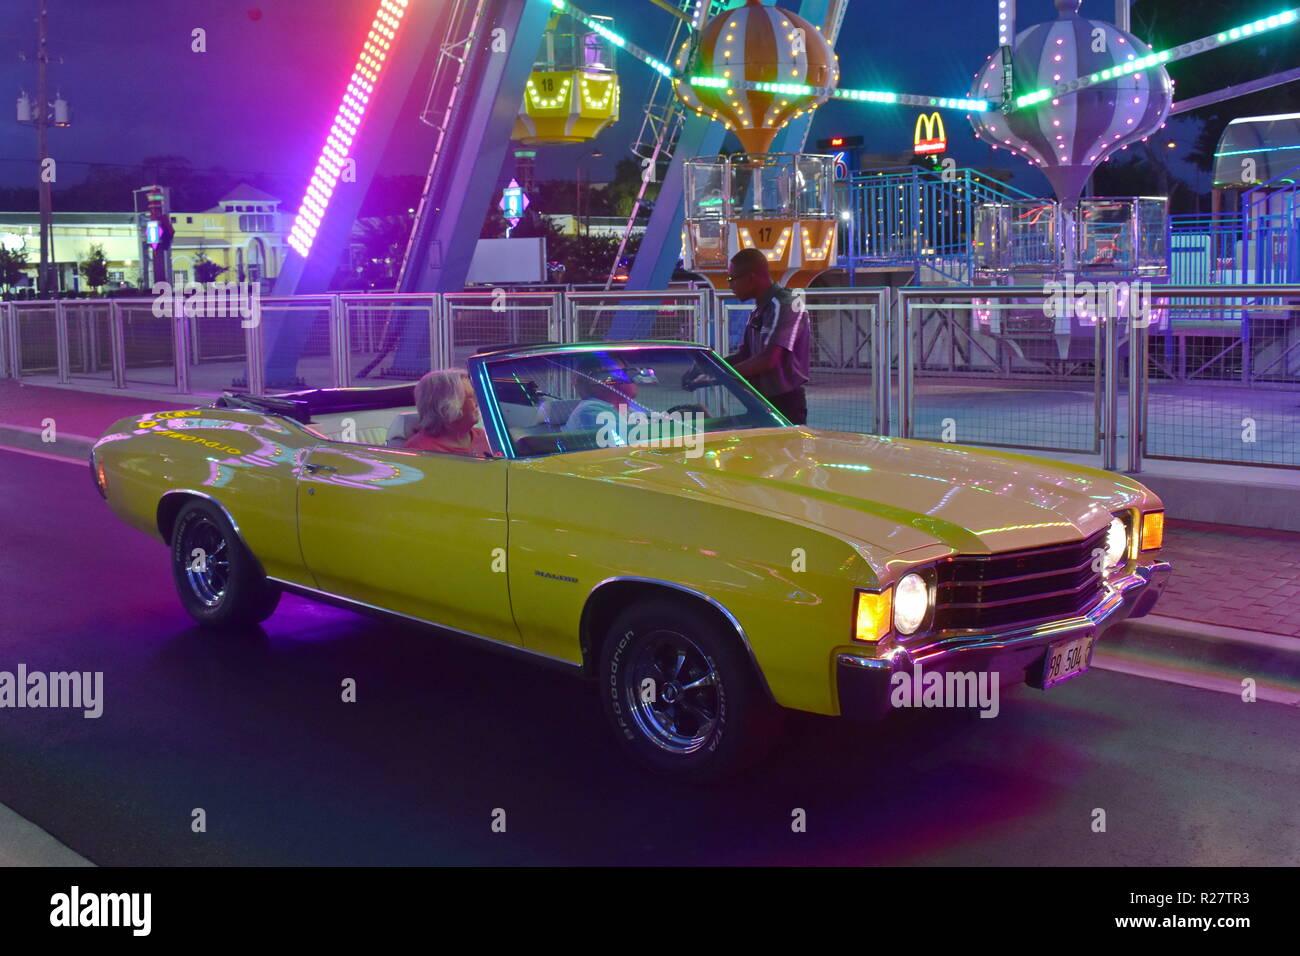 Car Show Orlando >> Orlando Florida November 02 2018 Nice Yellow Car In